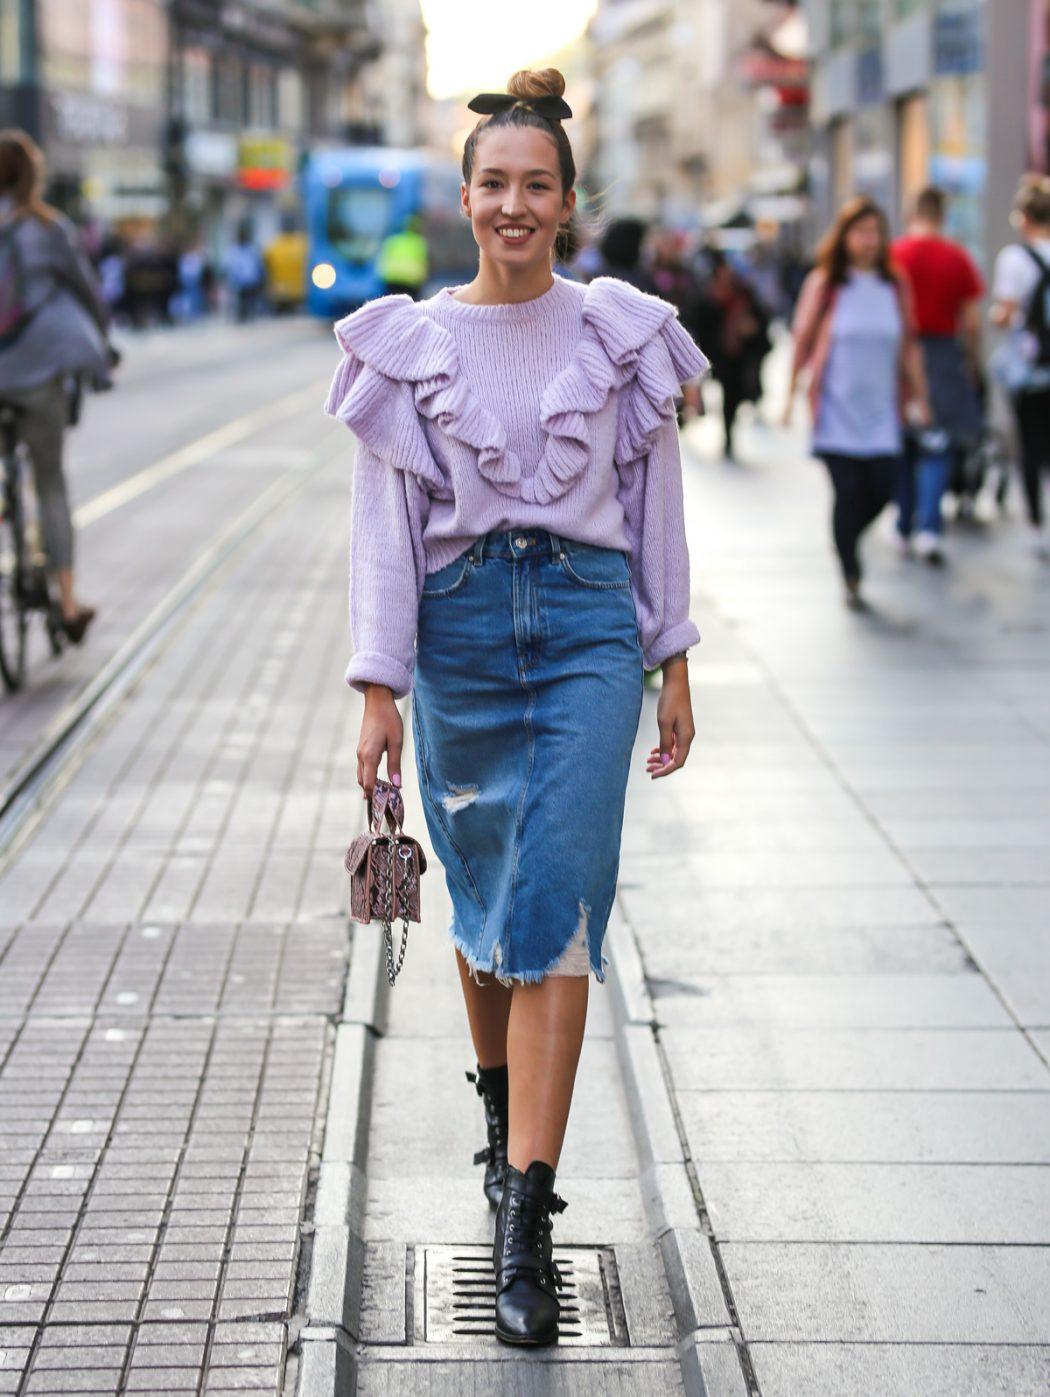 Kako bi izgledao džemper napravljen u slastičarnici?